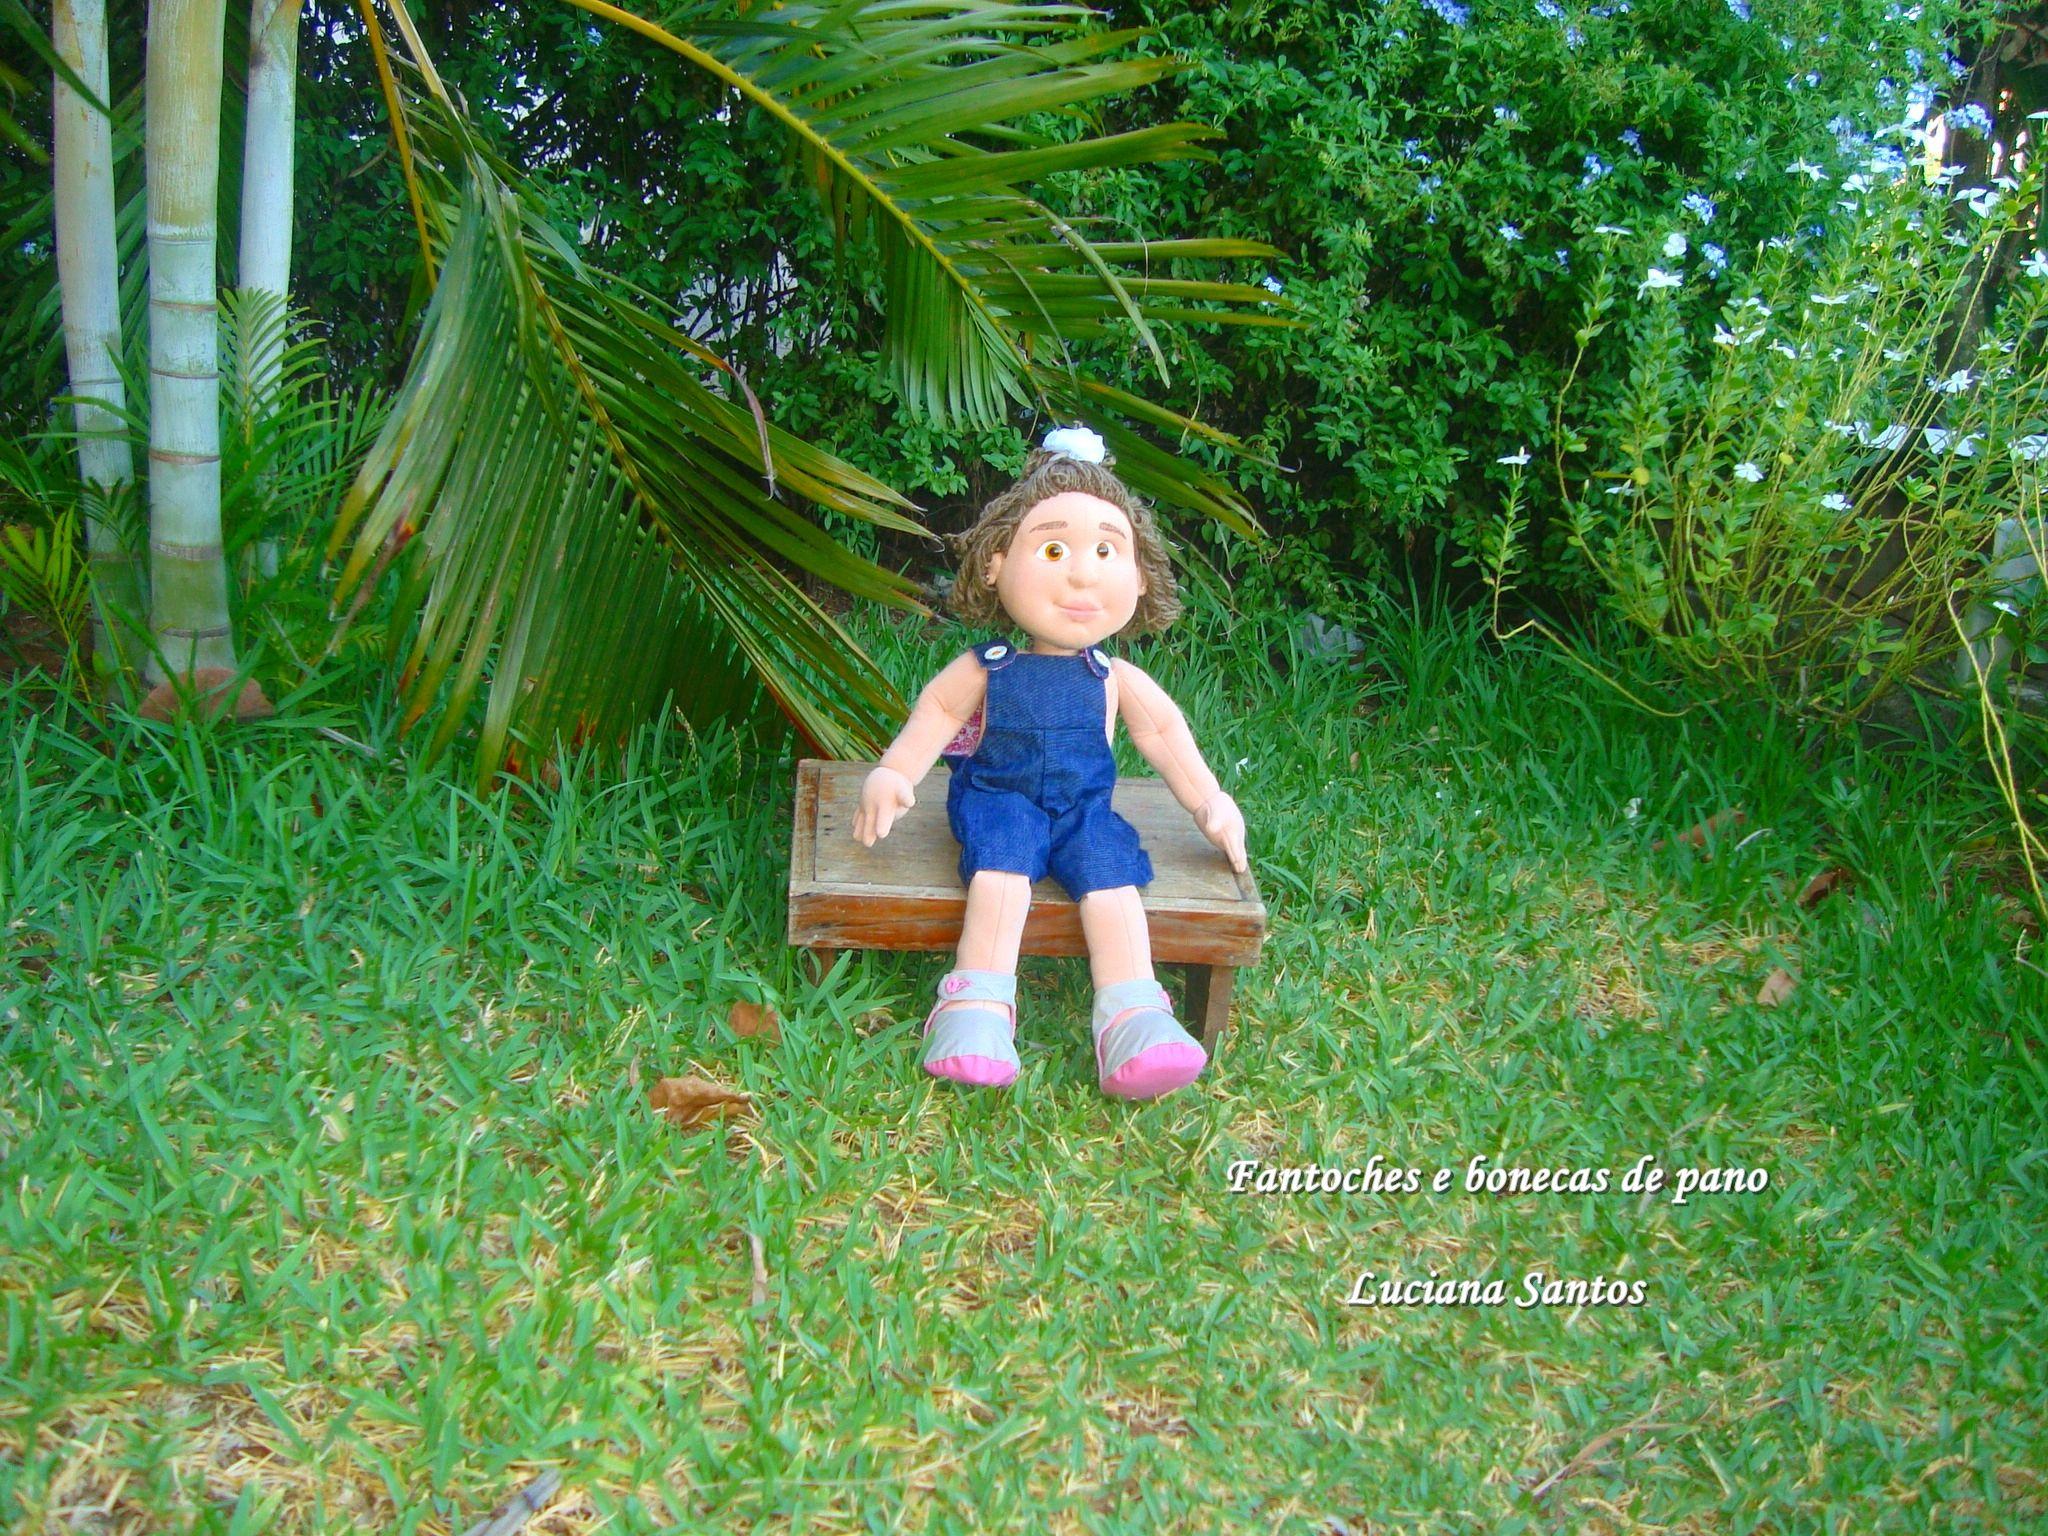 Encomendas em: Fantochesebonecasdepano@gmail.com